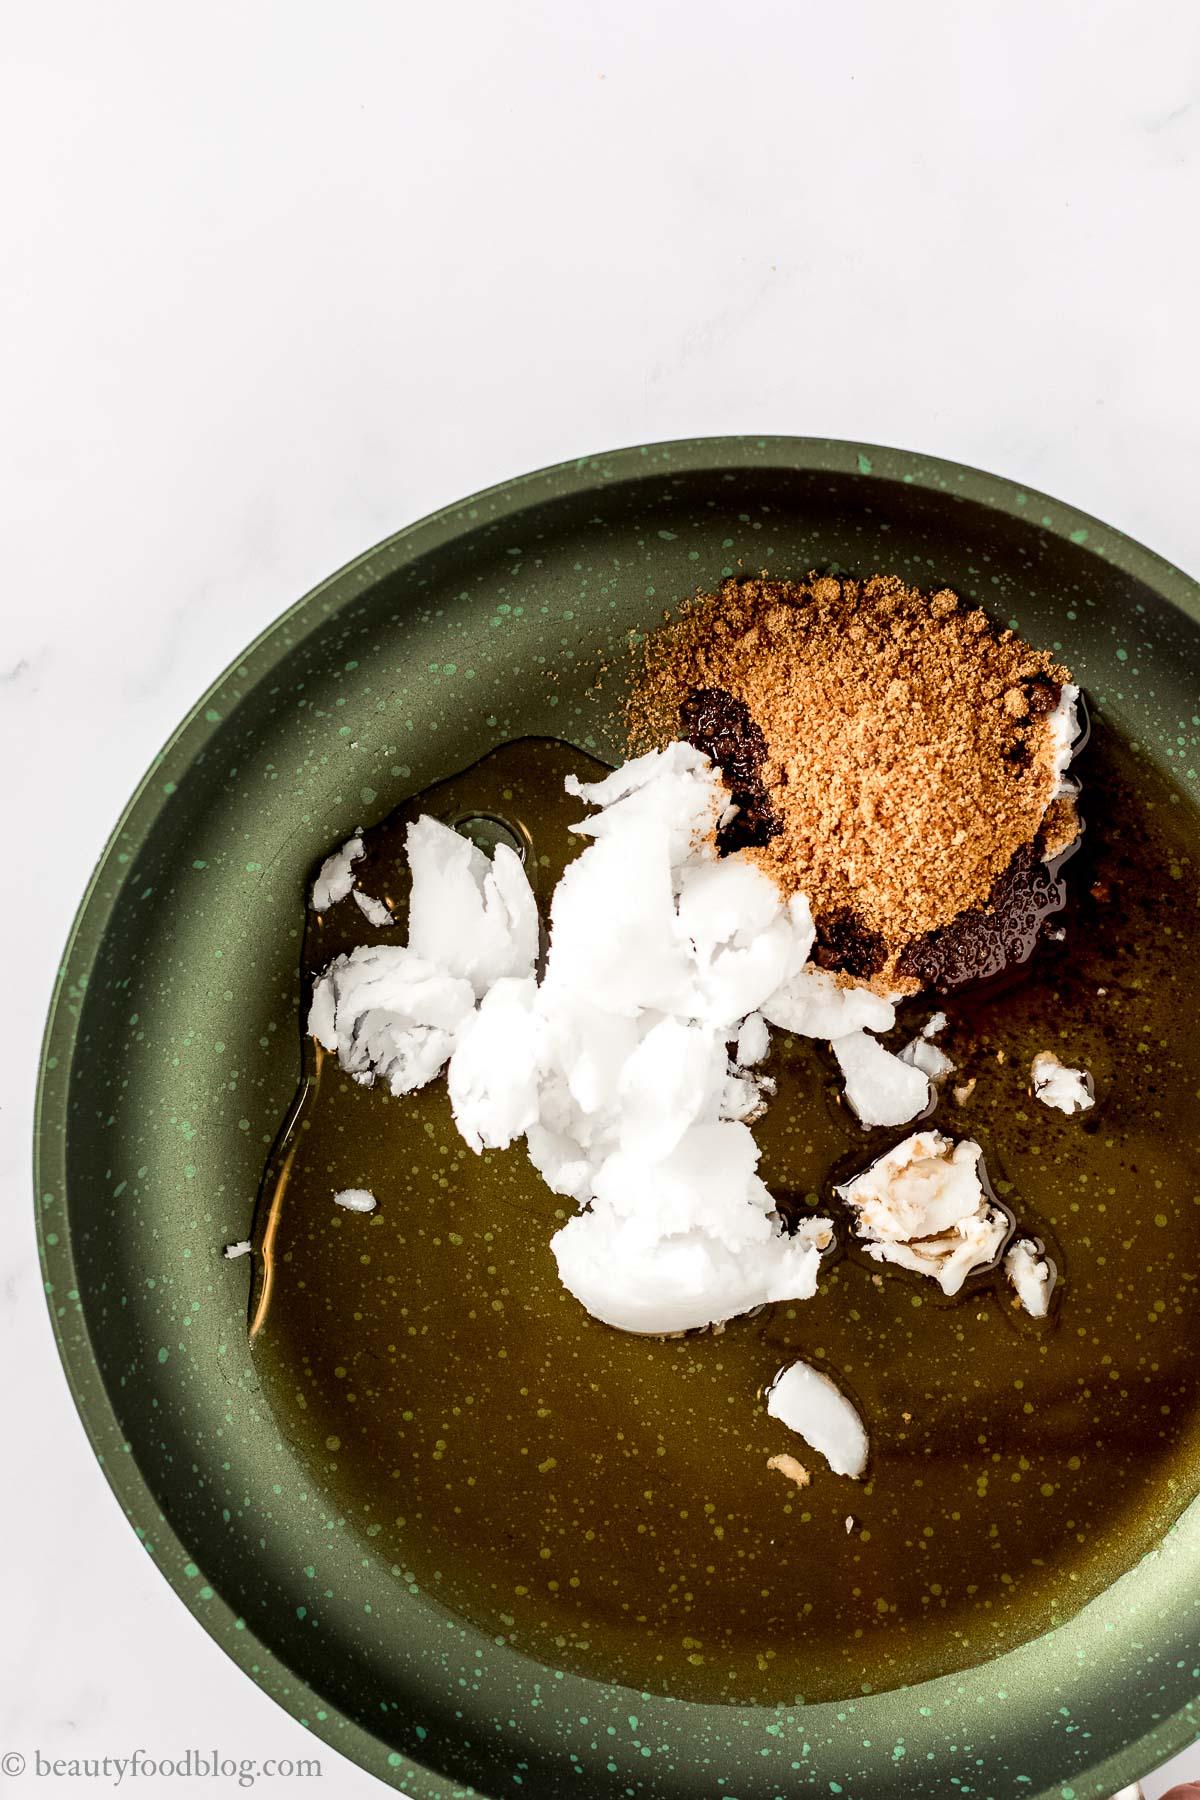 come fare la granola fatta in casa granola croccante cocco e fragole how to make vegan homemade crunchy granola